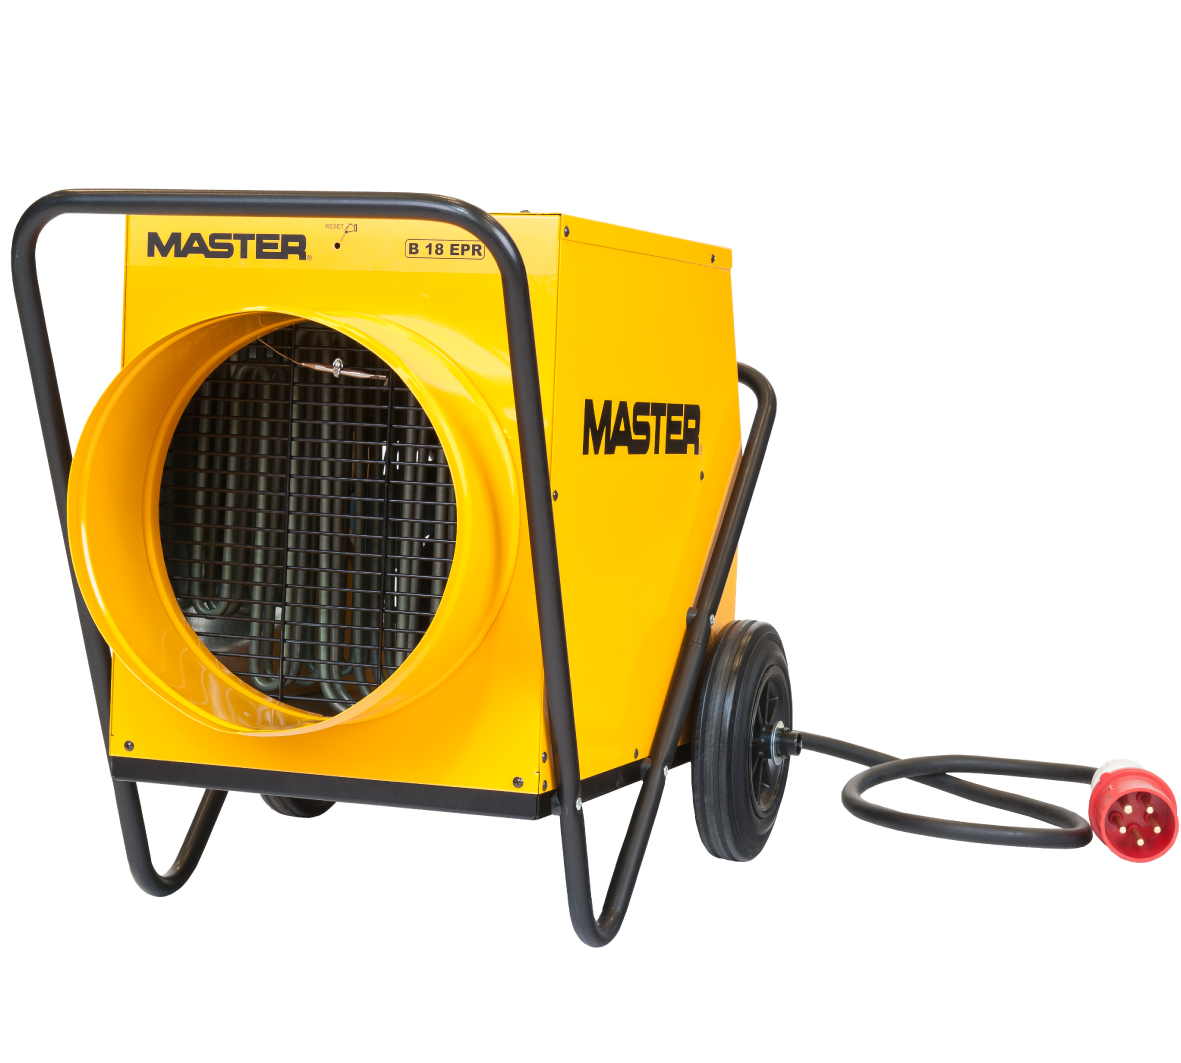 Master - B 18 EPR